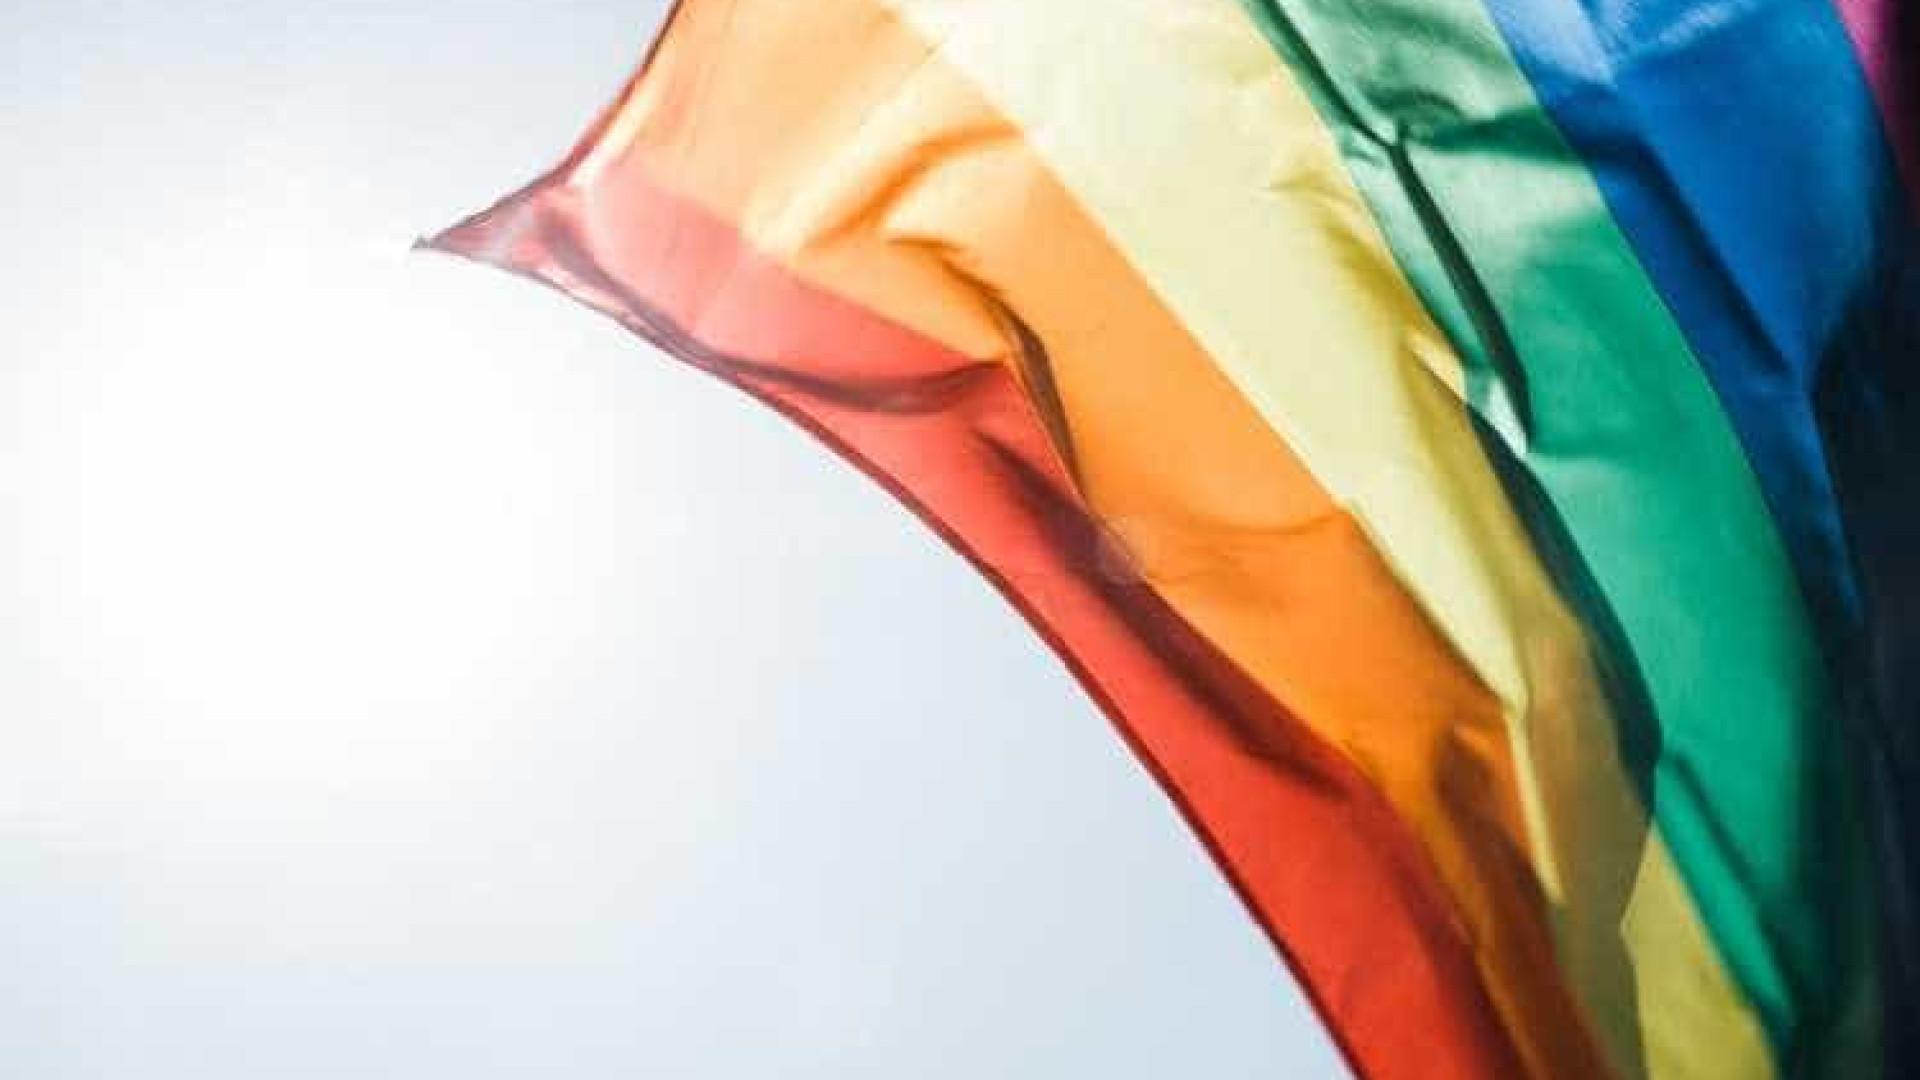 Transexual é agredida e ameaçada de morte pelo ex-marido no Rio